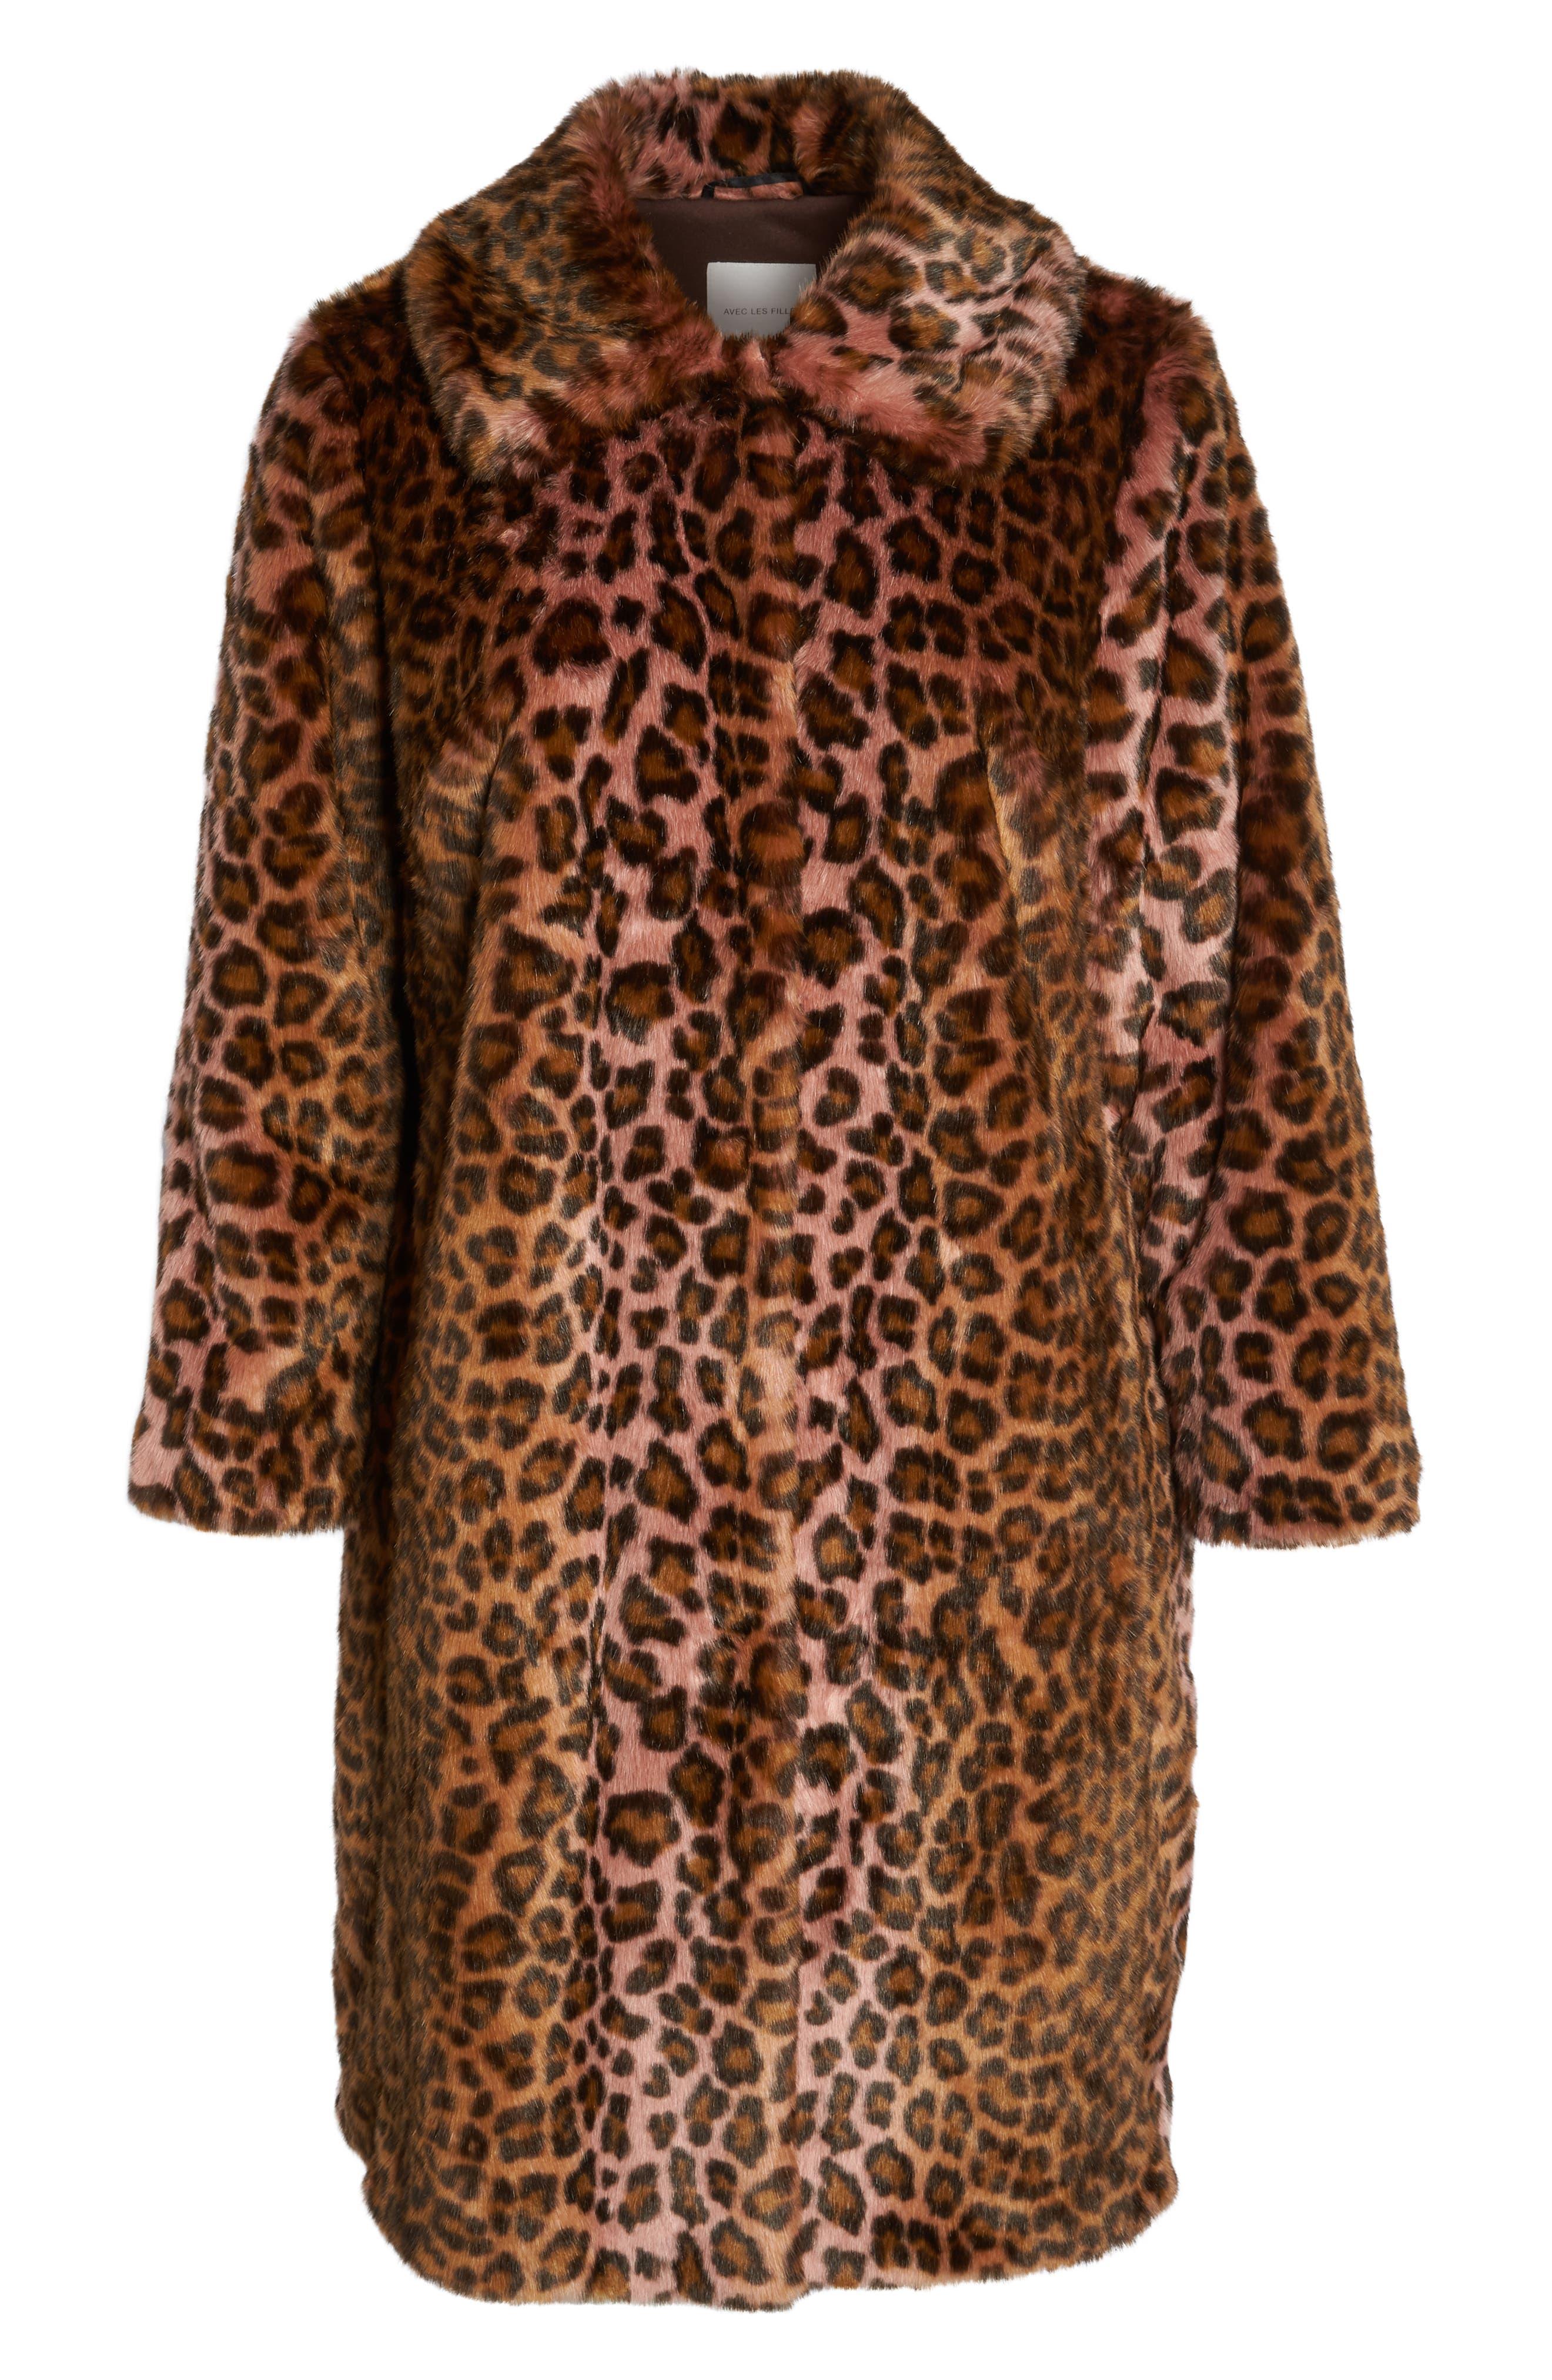 Leopard Print Faux Fur Car Coat,                             Alternate thumbnail 6, color,                             PINK LEOPARD